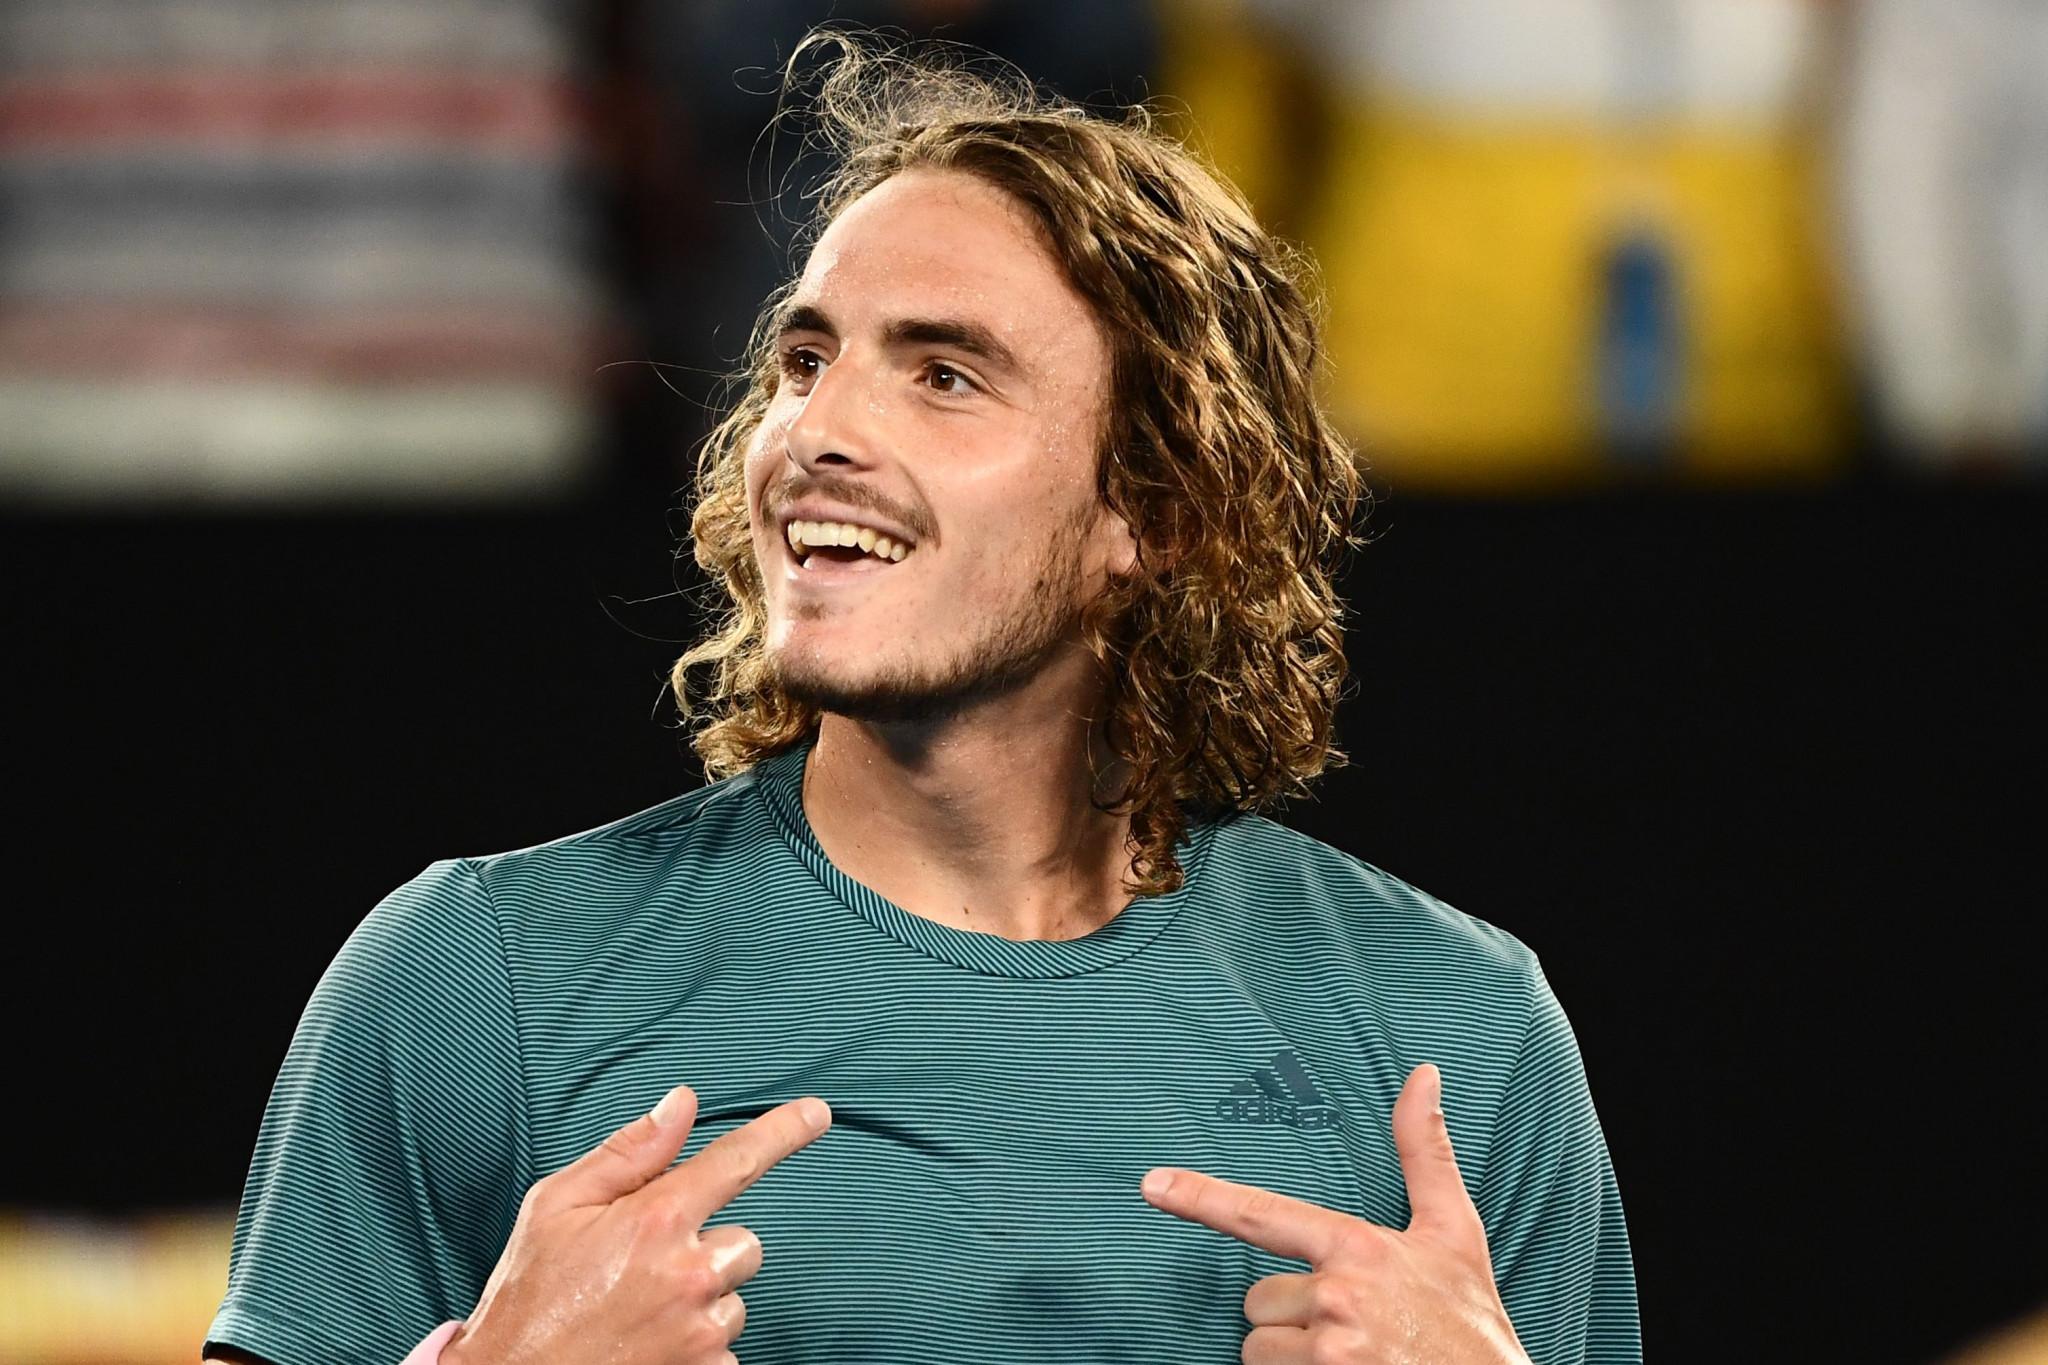 Tsitsipas stuns Federer to reach Australian Open quarter-finals